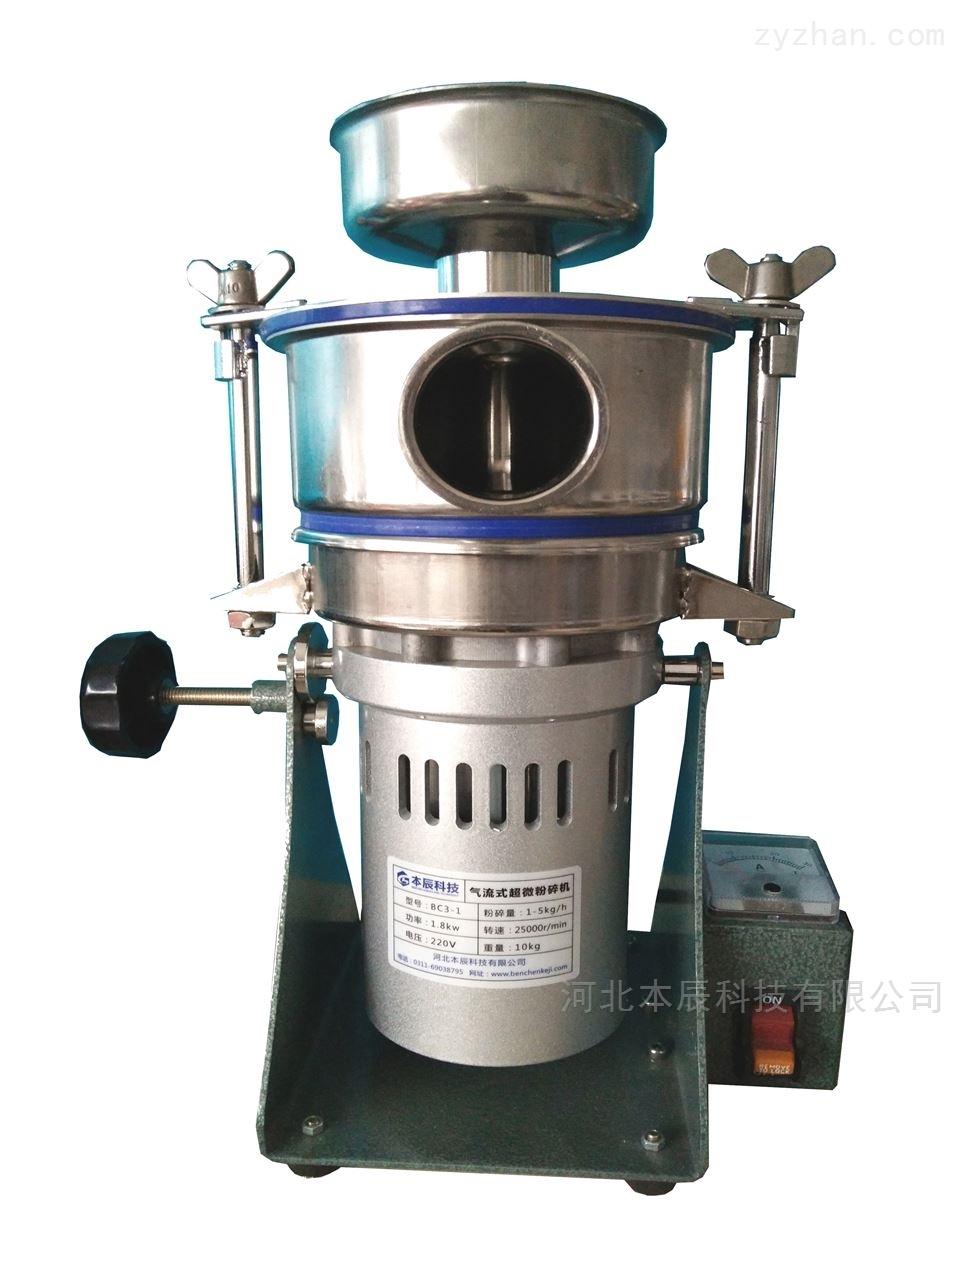 小型实验室超微磨粉机